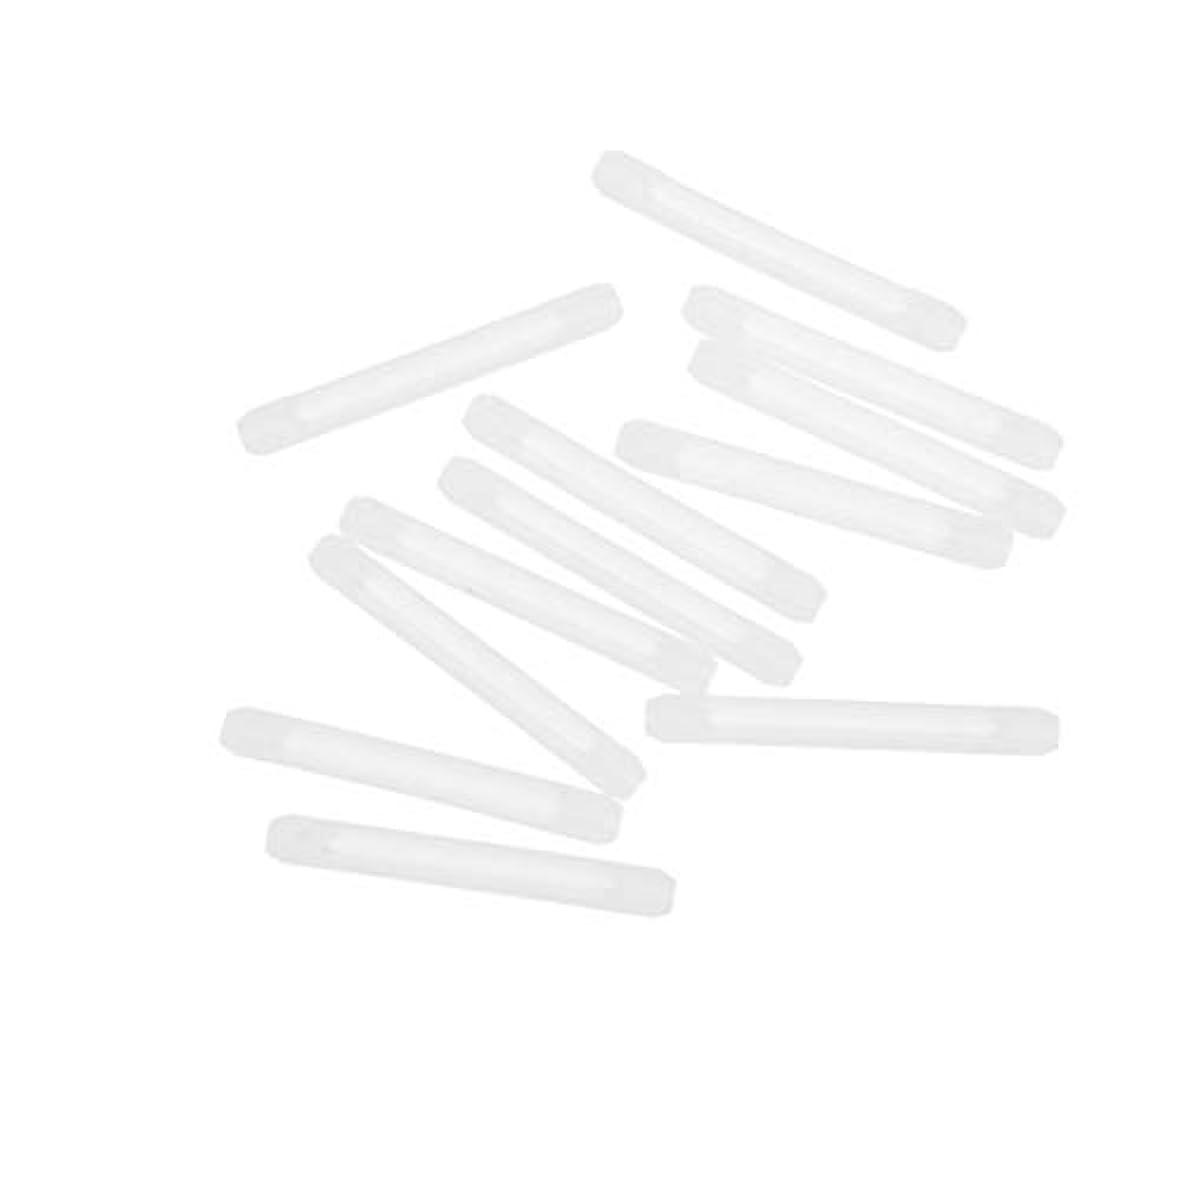 採用する類推異常なHealifty メガネホルダー滑り止めシリコンメガネアクセサリー20pcs(ホワイト)